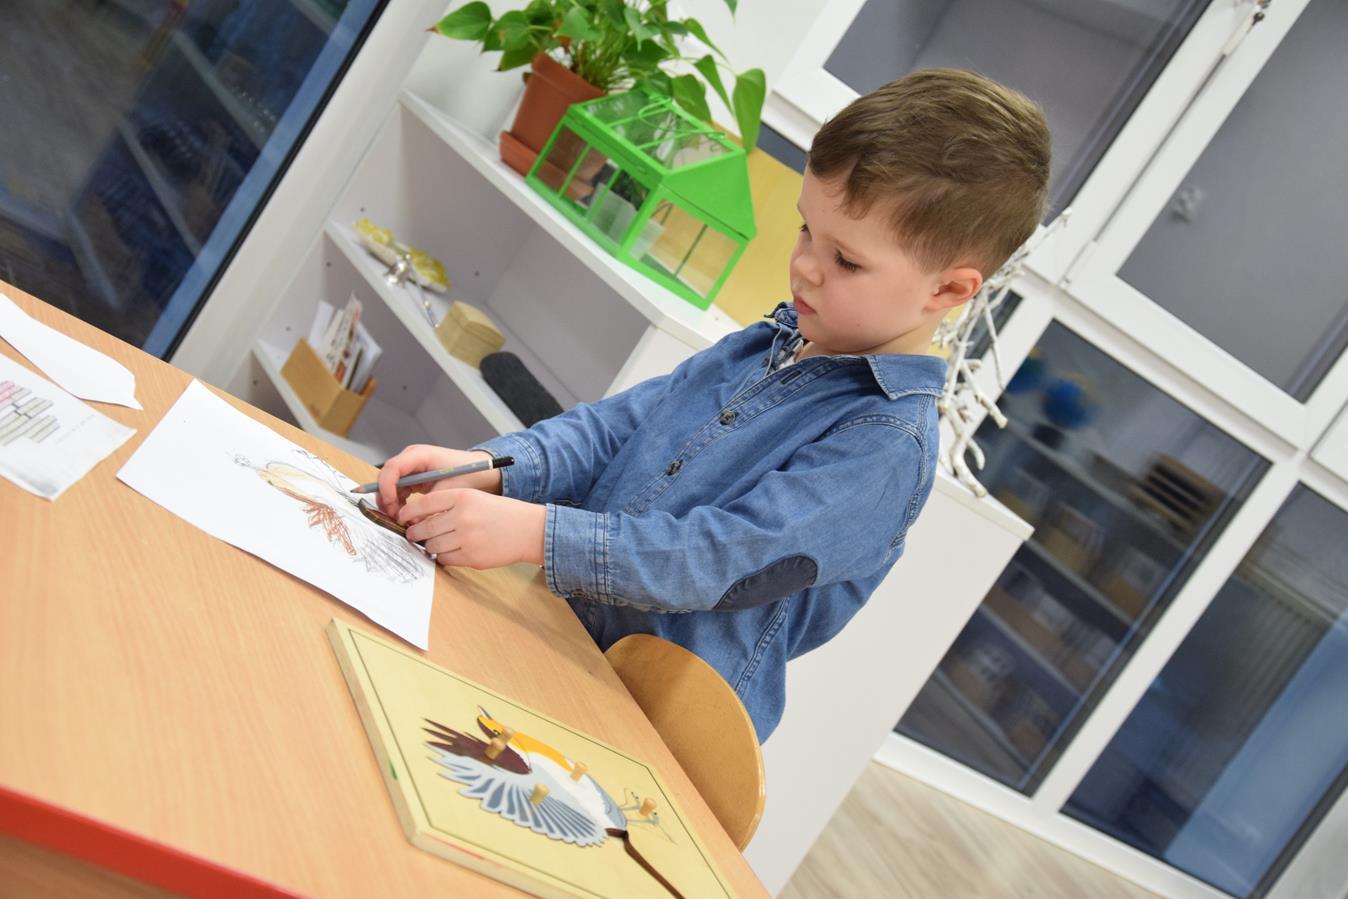 Wewnętrzna dyscyplina, czyli rzecz o posłuszeństwie w ujęciu pedagogiki Montessori Zuzanna Danilewicz